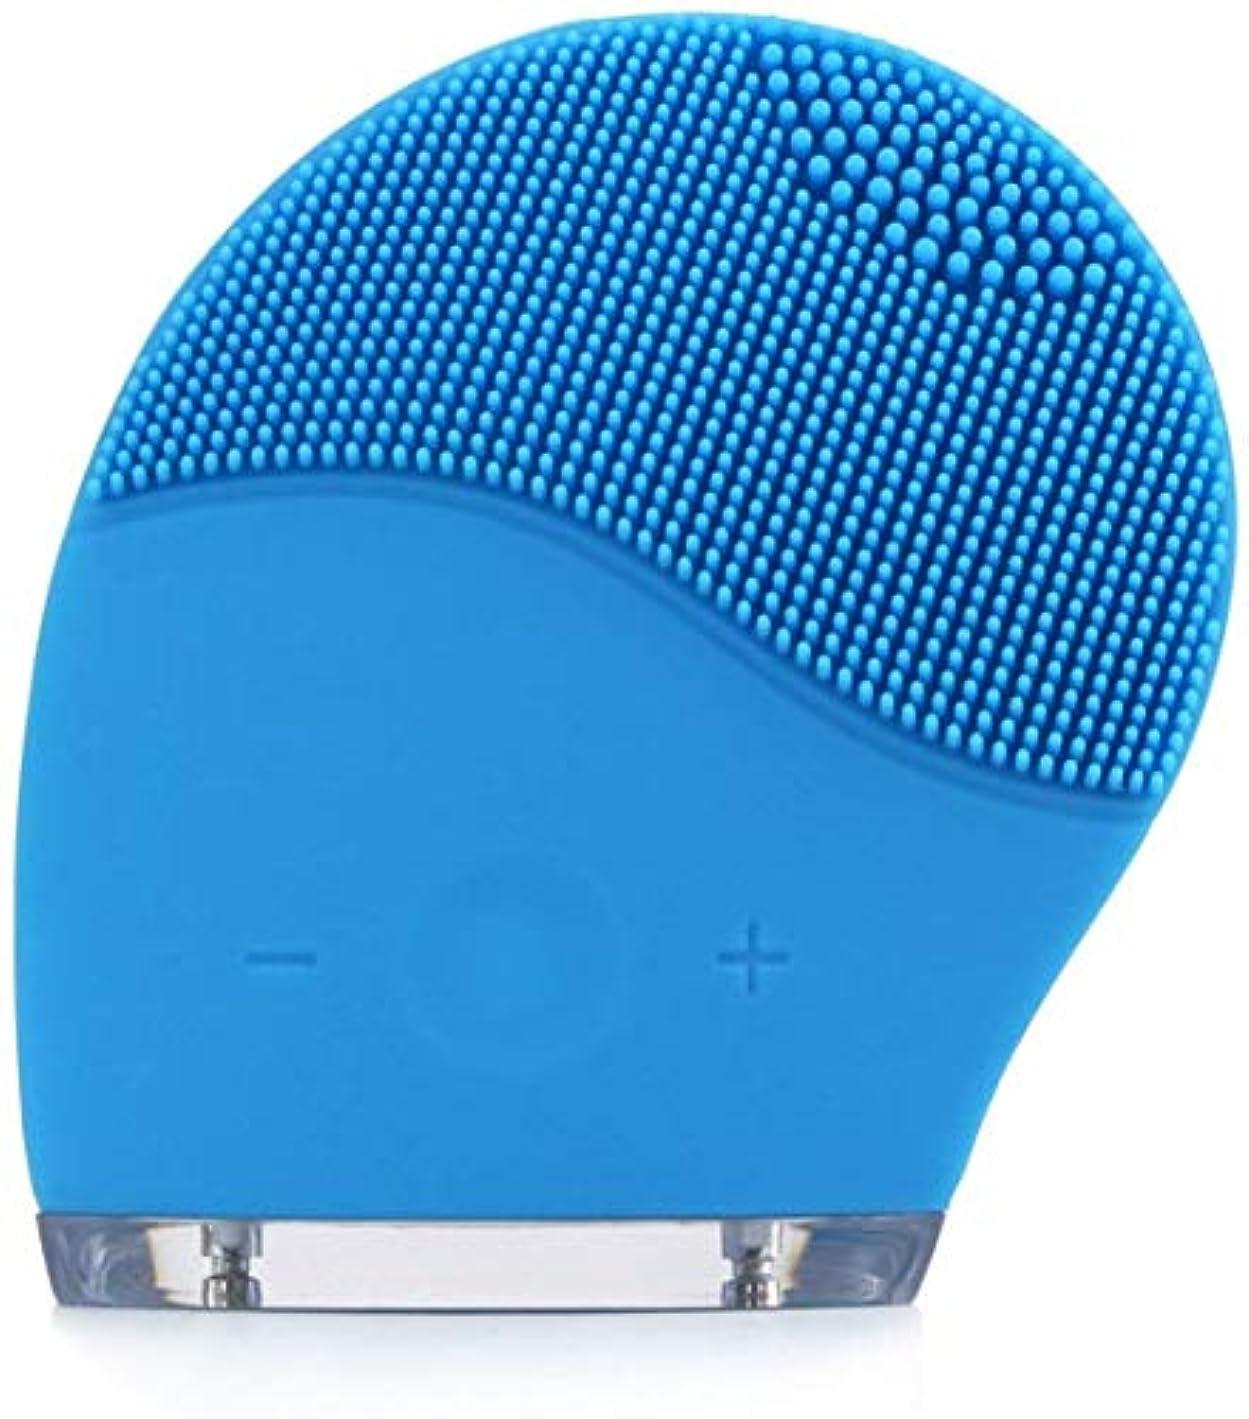 趣味性的赤字洗顔ブラシ、ブラシ防水アンチエイジングスキンクレンザーフェイシャルポーランドやスクラブのためのディープエクスフォリエーターのメイクツールマッサージャー電気シリコーンフェイス